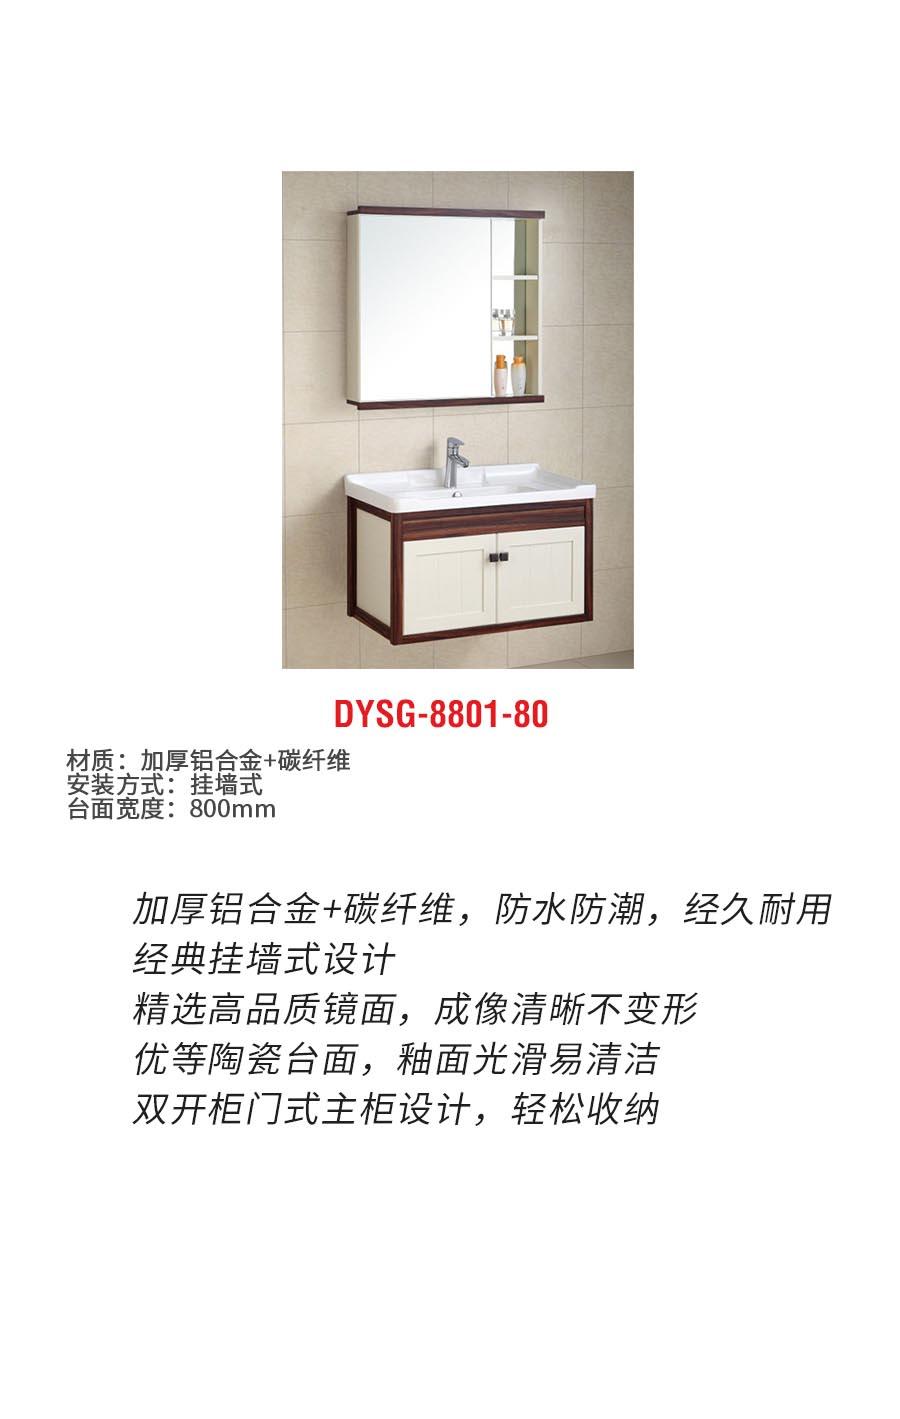 DYSG-8801-80b.jpg